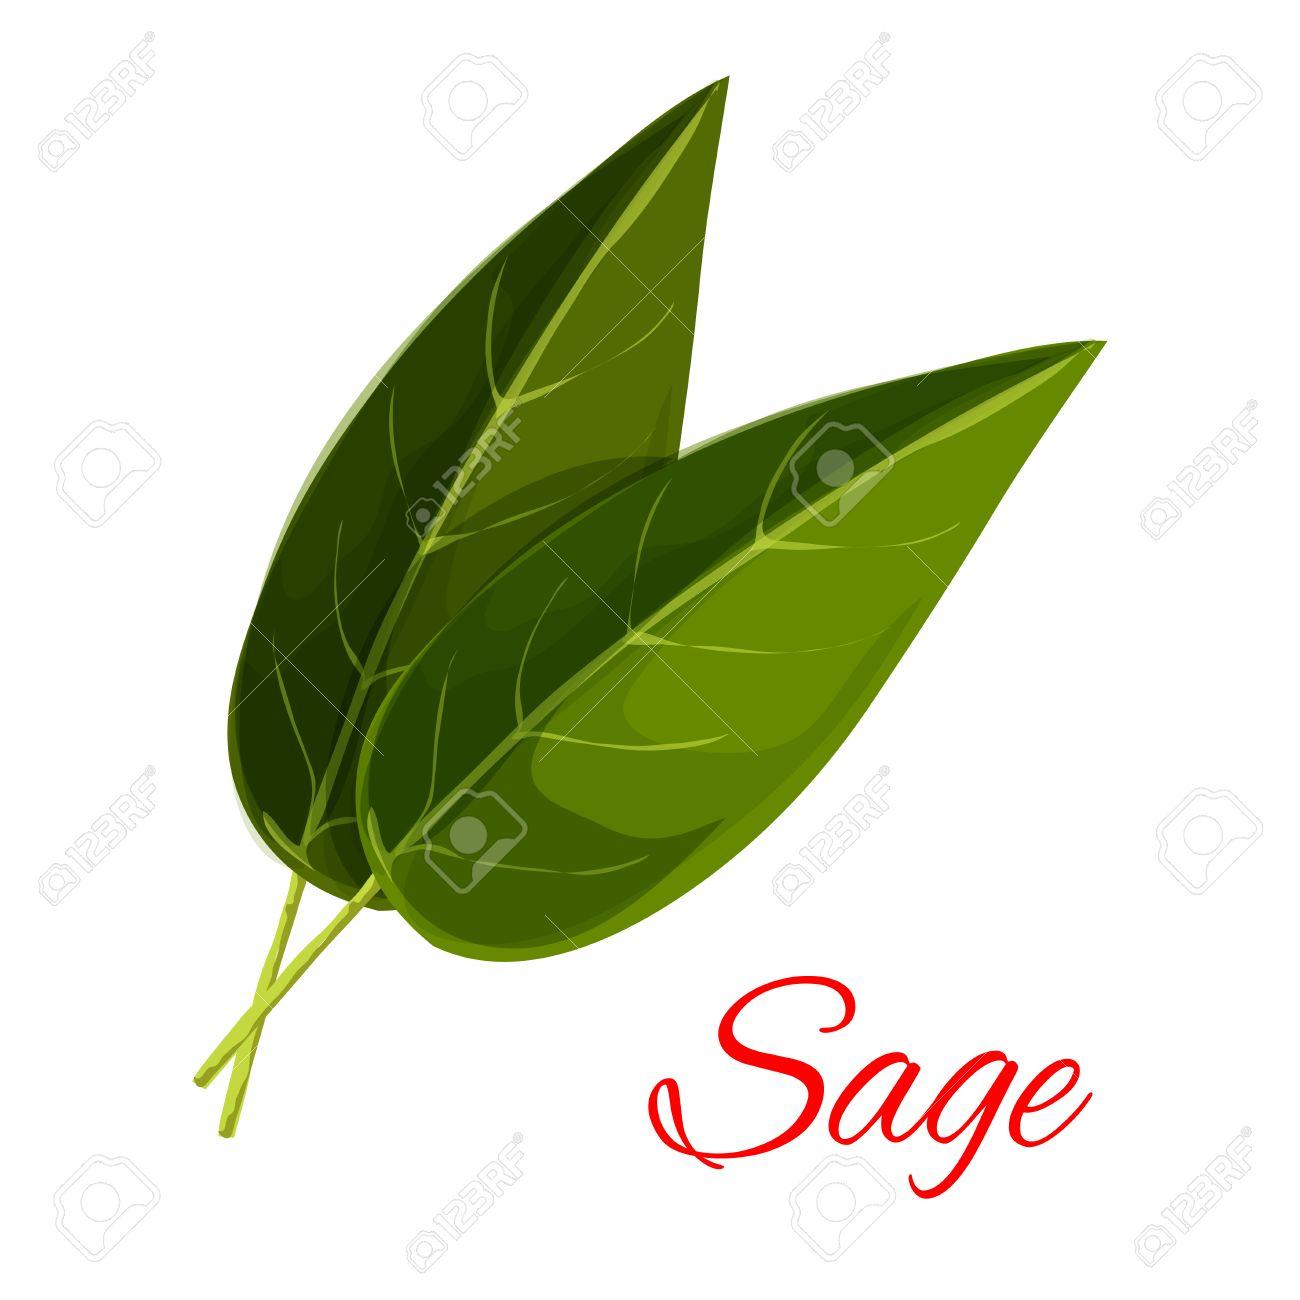 Salvia Cocina | Hojas De Salvia Vector Aislado Aromatico Icono De La Especia Hierba